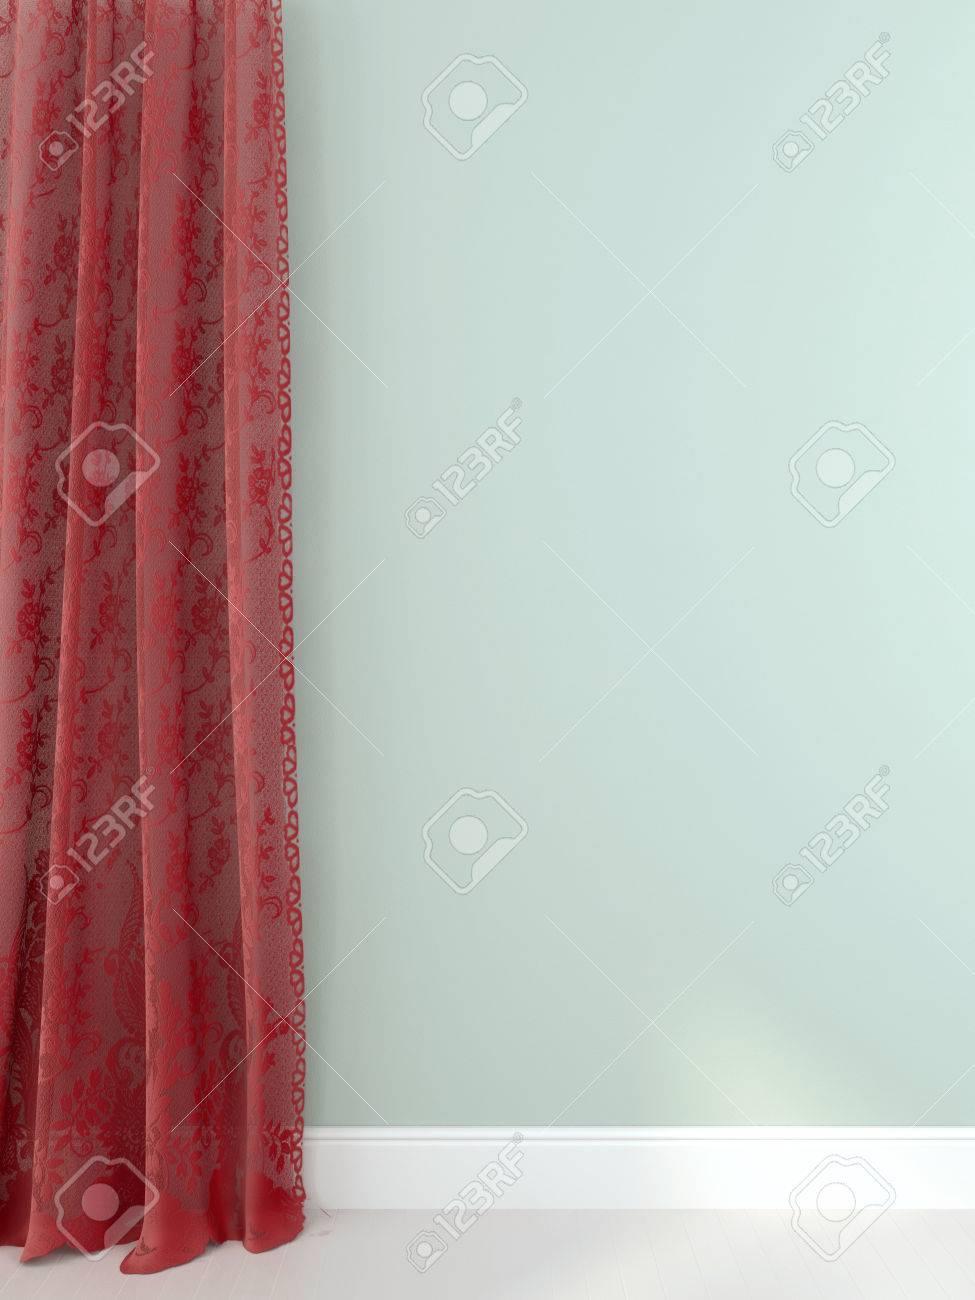 cortinas rojas de guipur en una pared de color azul claro foto de archivo